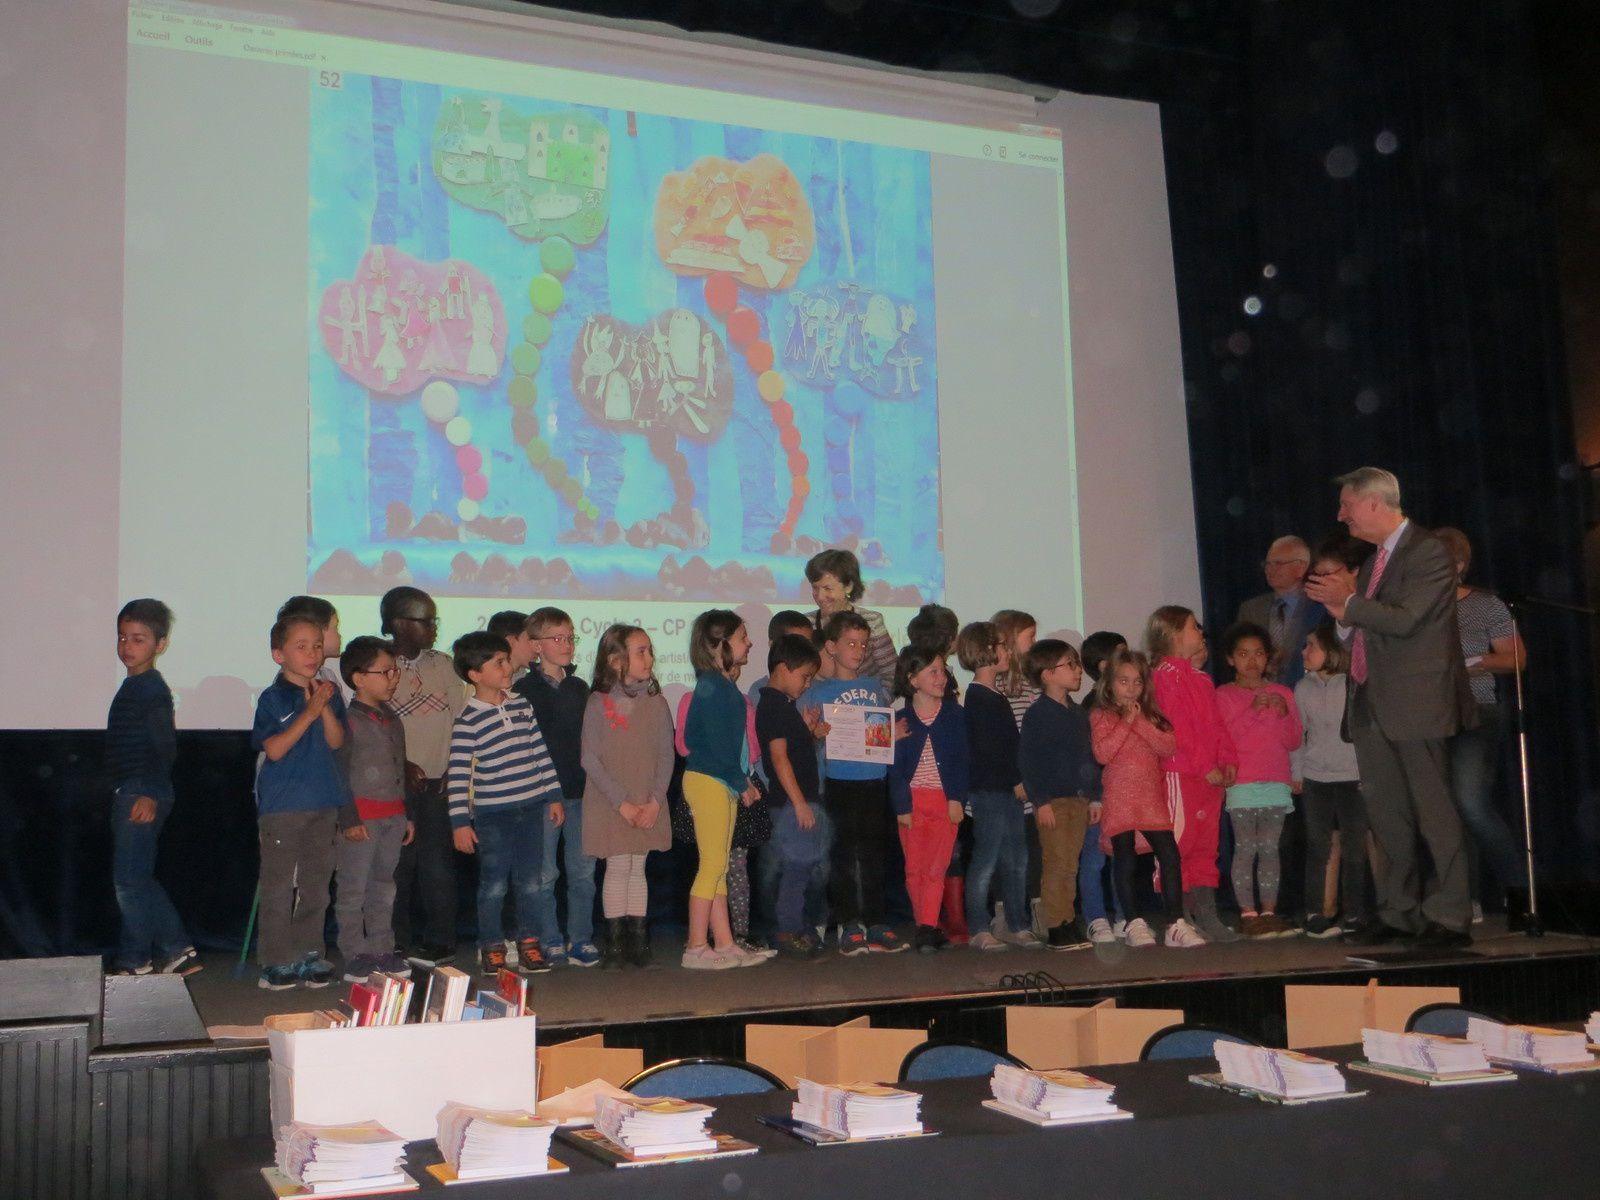 Concours d'expression artistique de la ville d'Orléans 2016